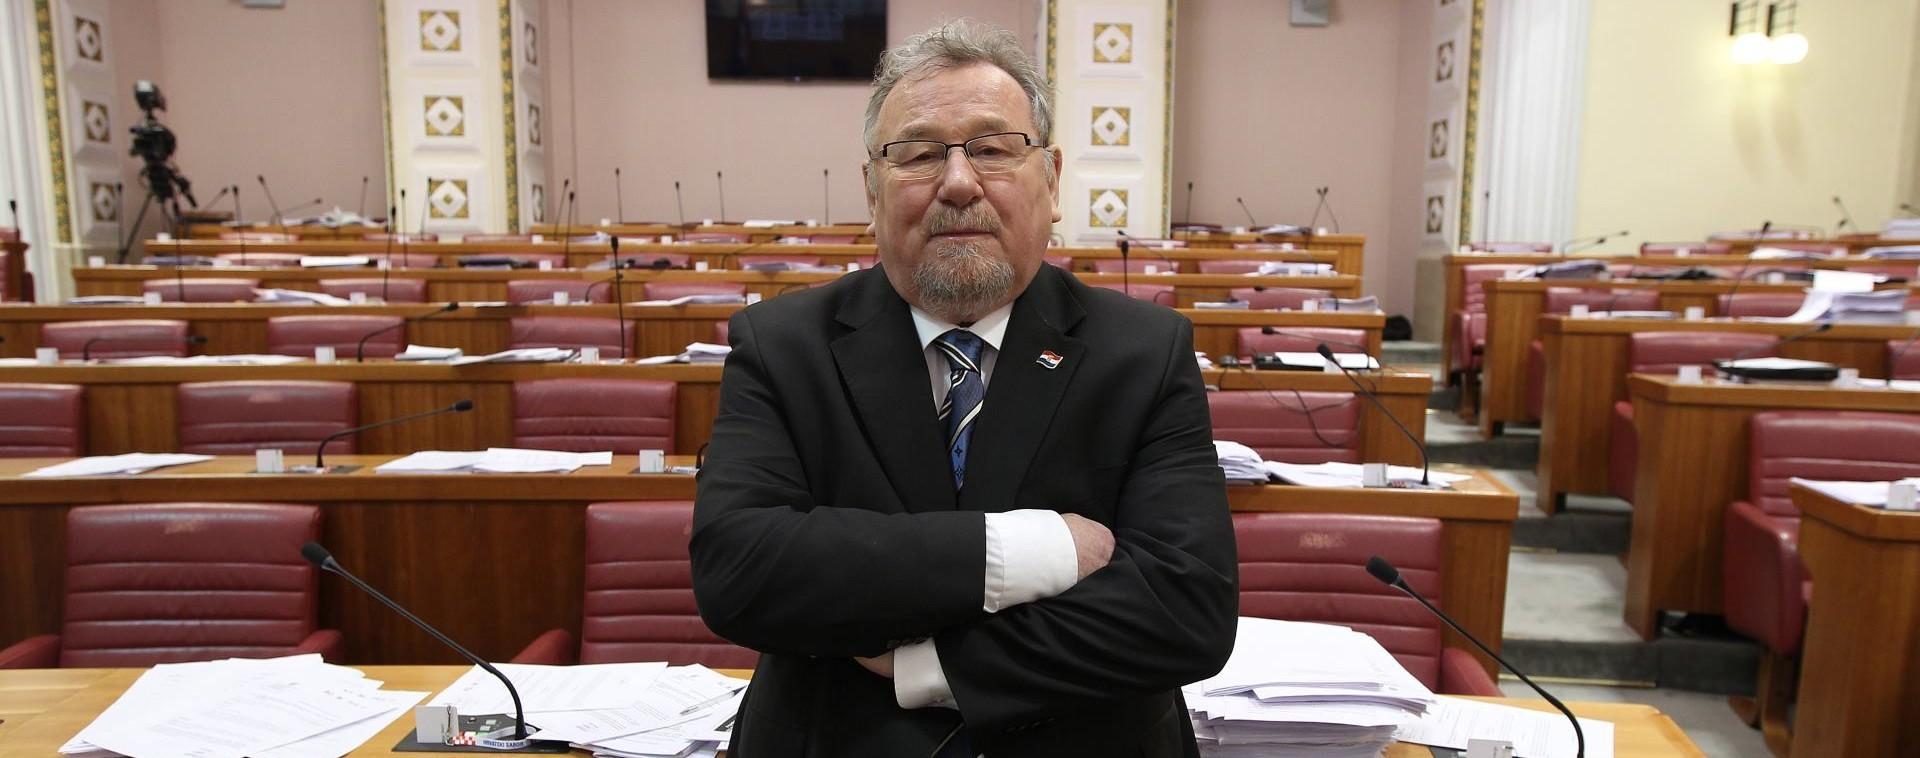 Ministri odbacili Šeksov stav o 6. prosinca kao krajnjem datumu izbora